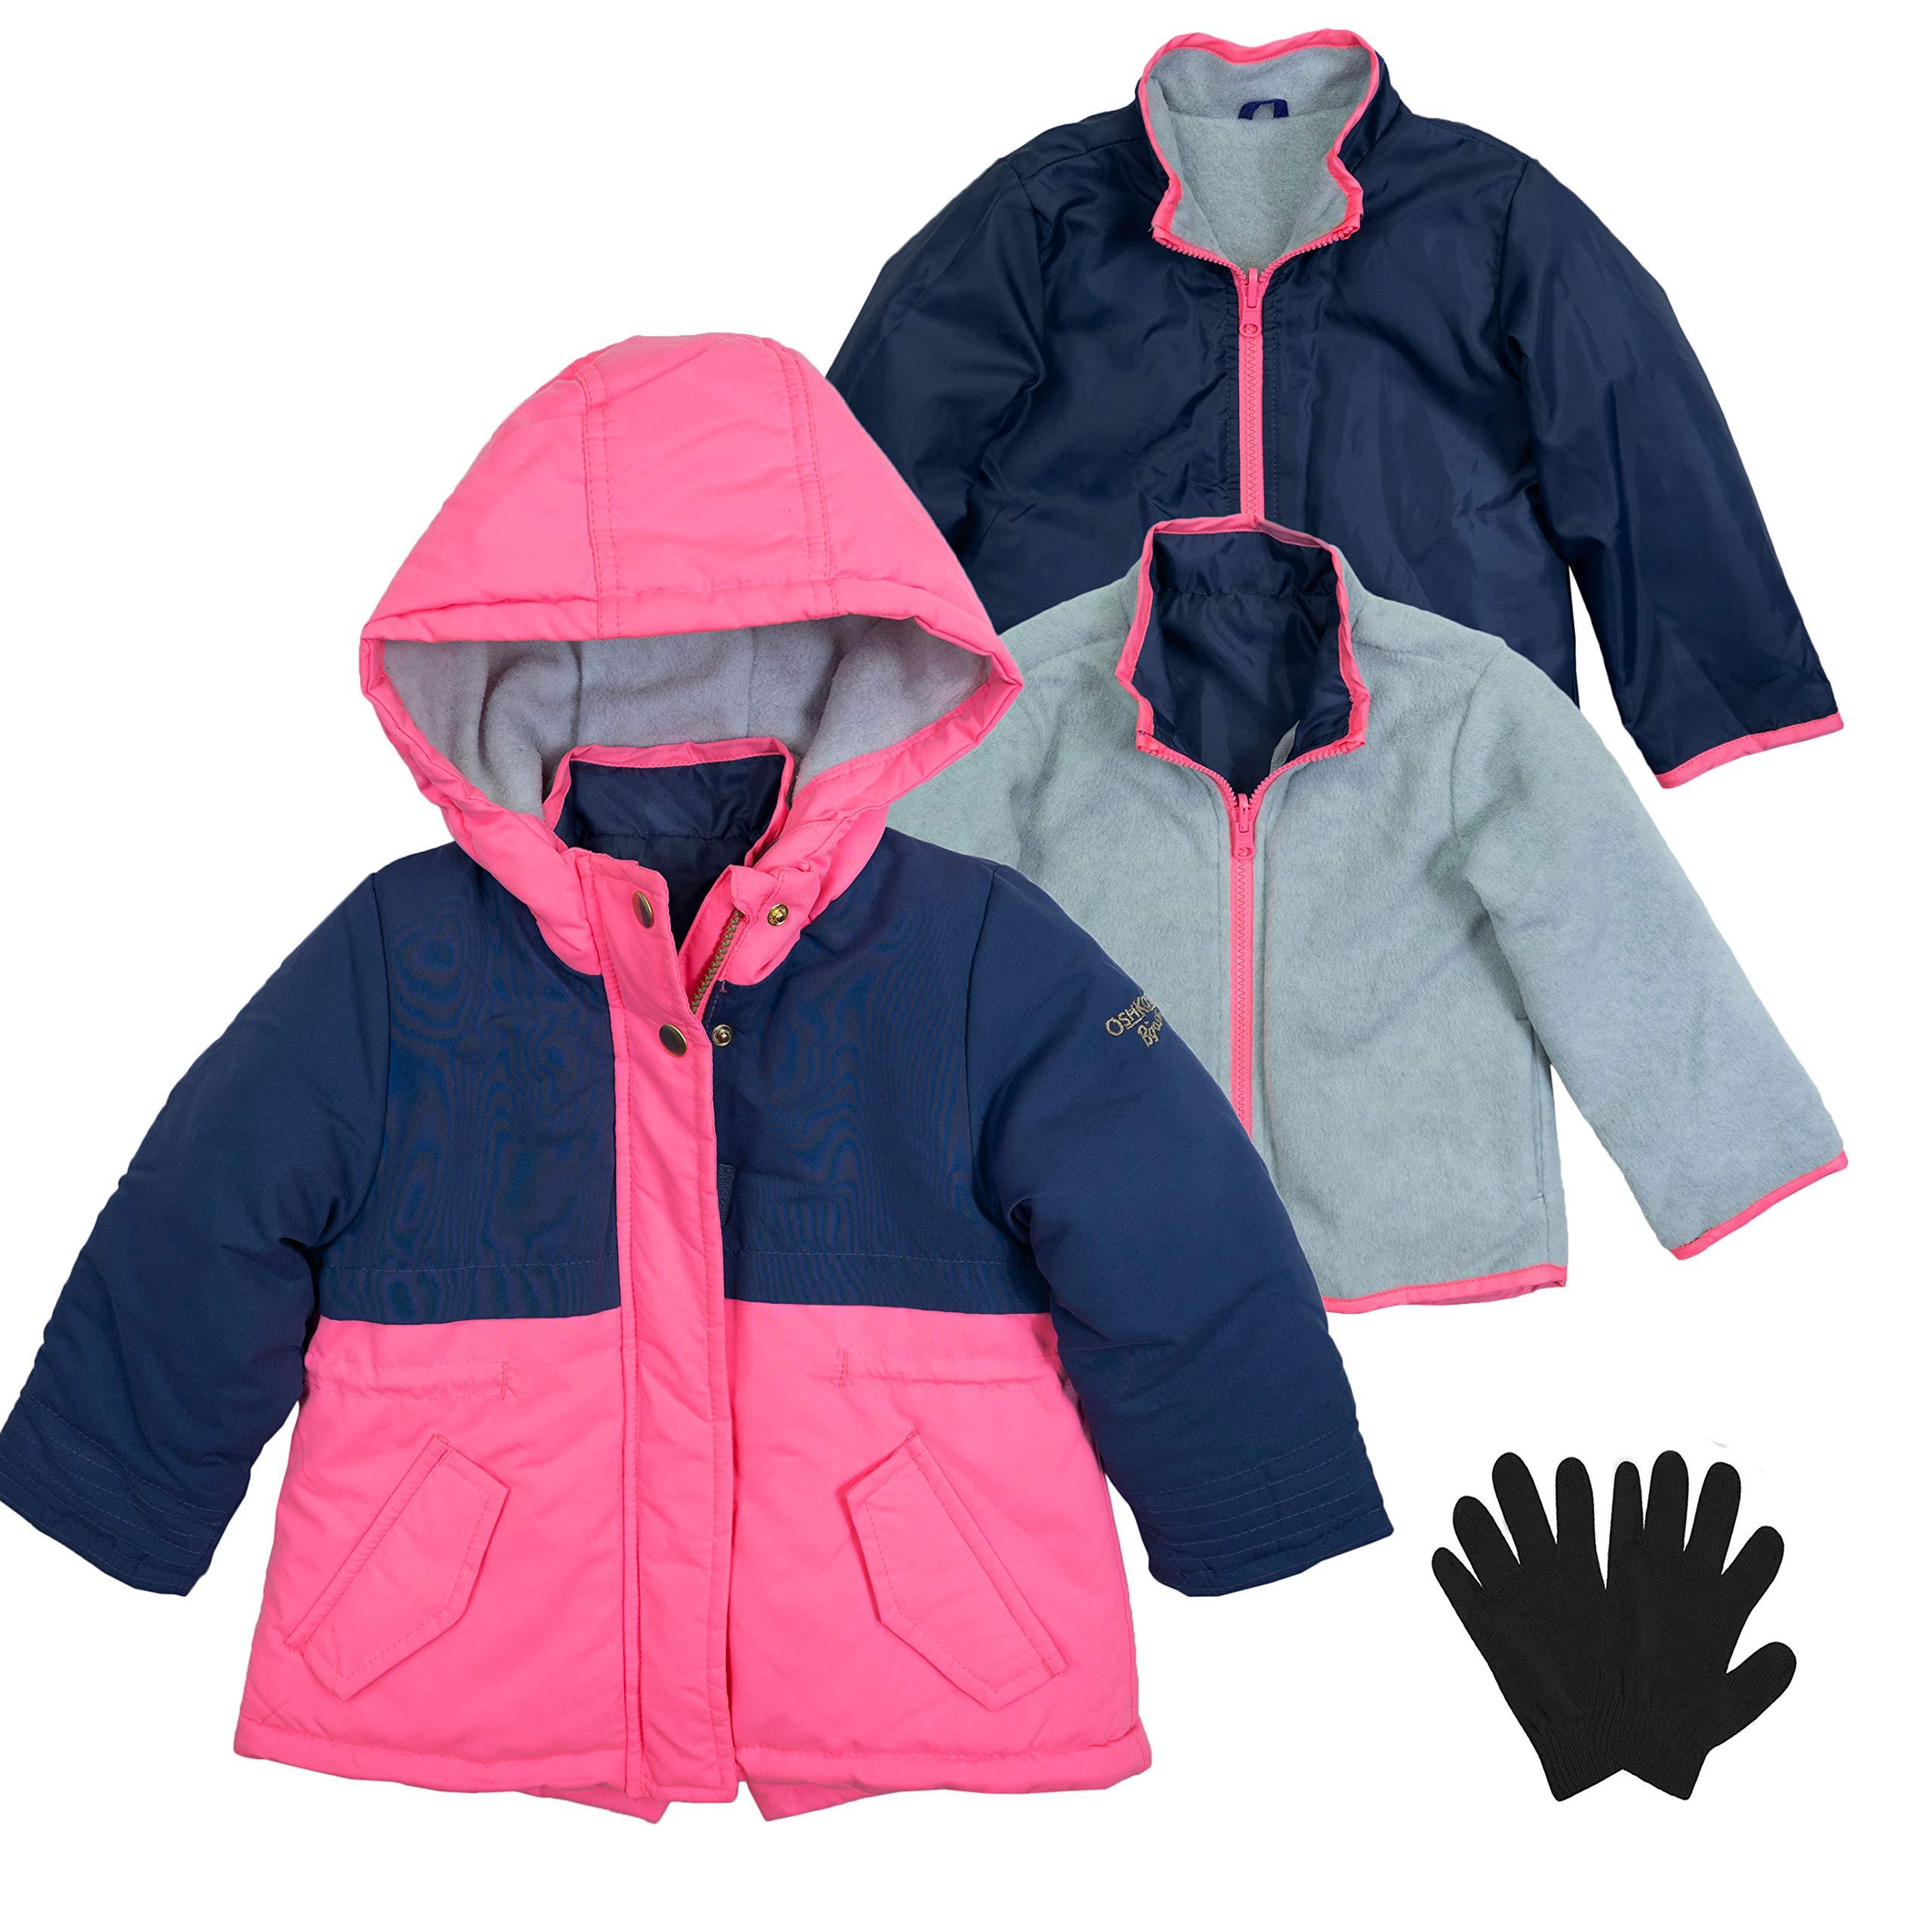 OshKosh Toddler Fleece Lined Interchange System Jacket and Mittens Pink/Navy 4T by OshKosh B'Gosh